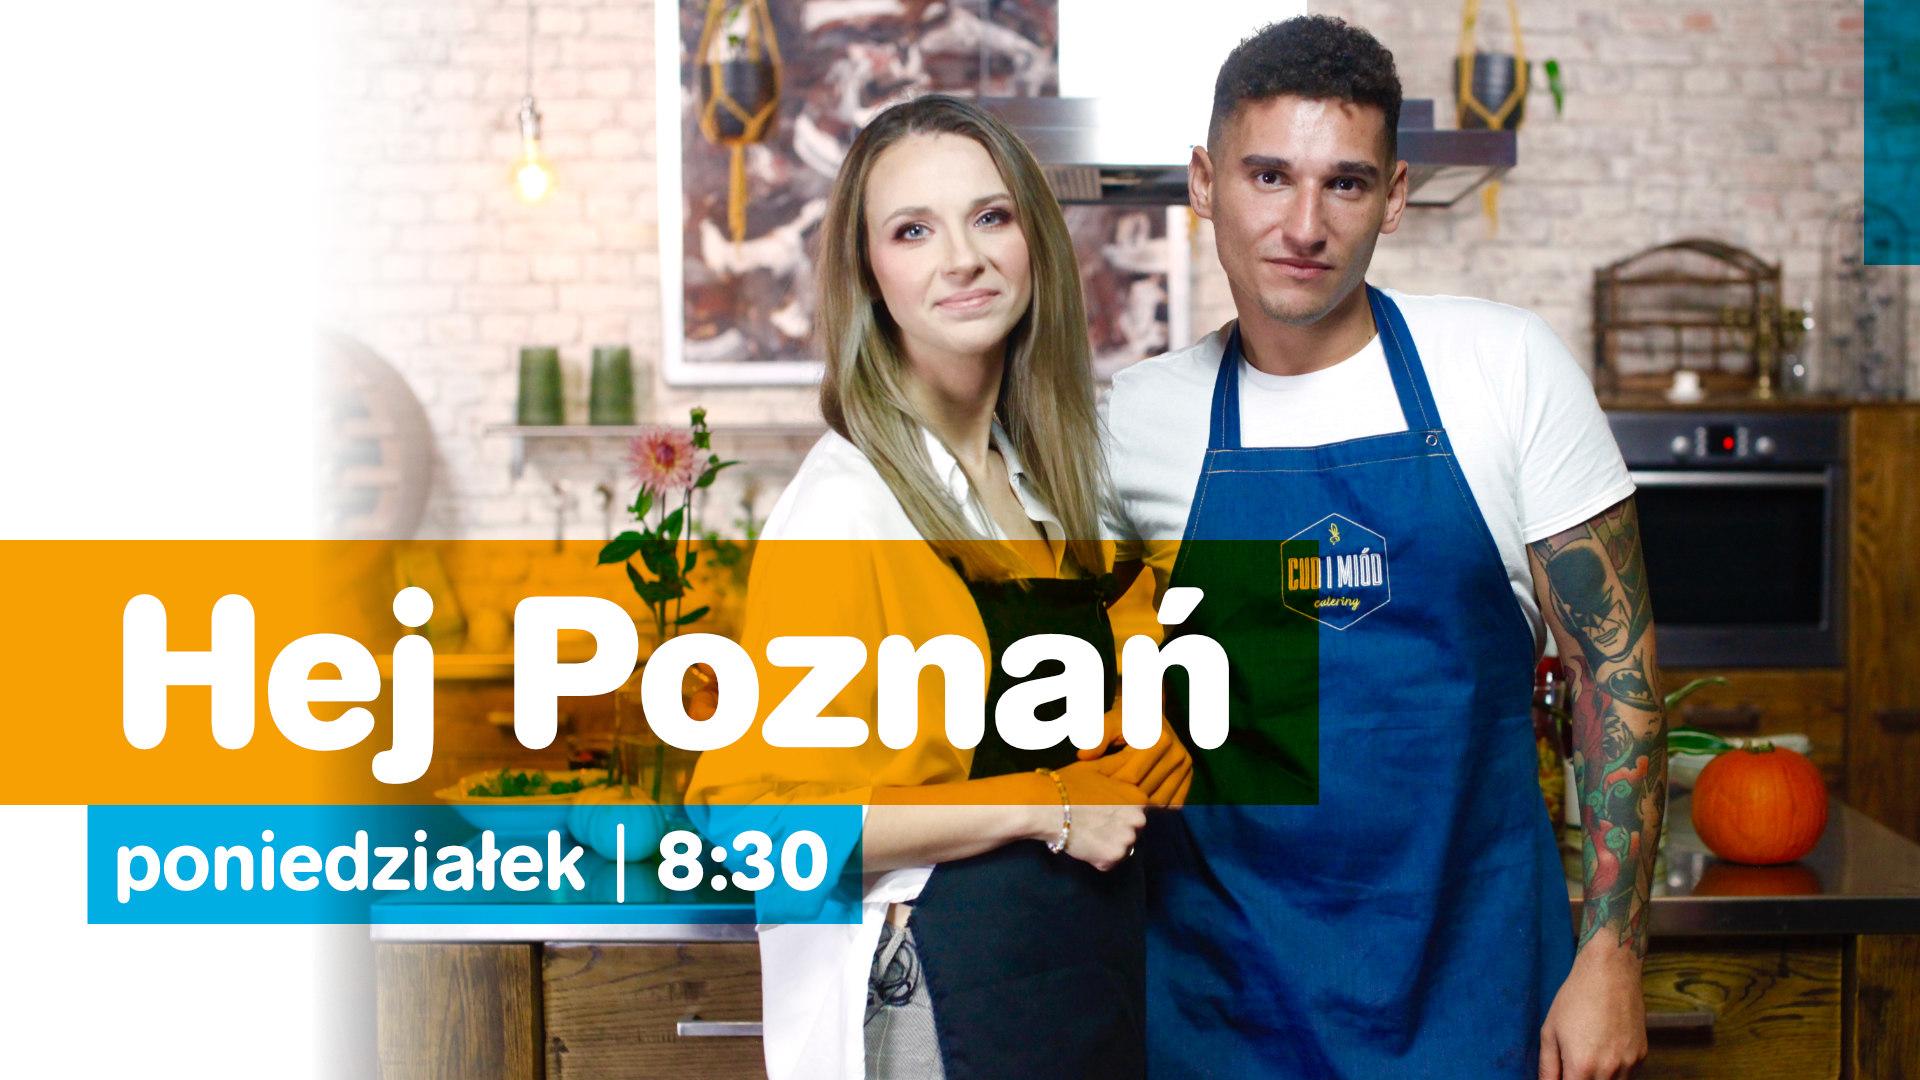 Hej Poznań!